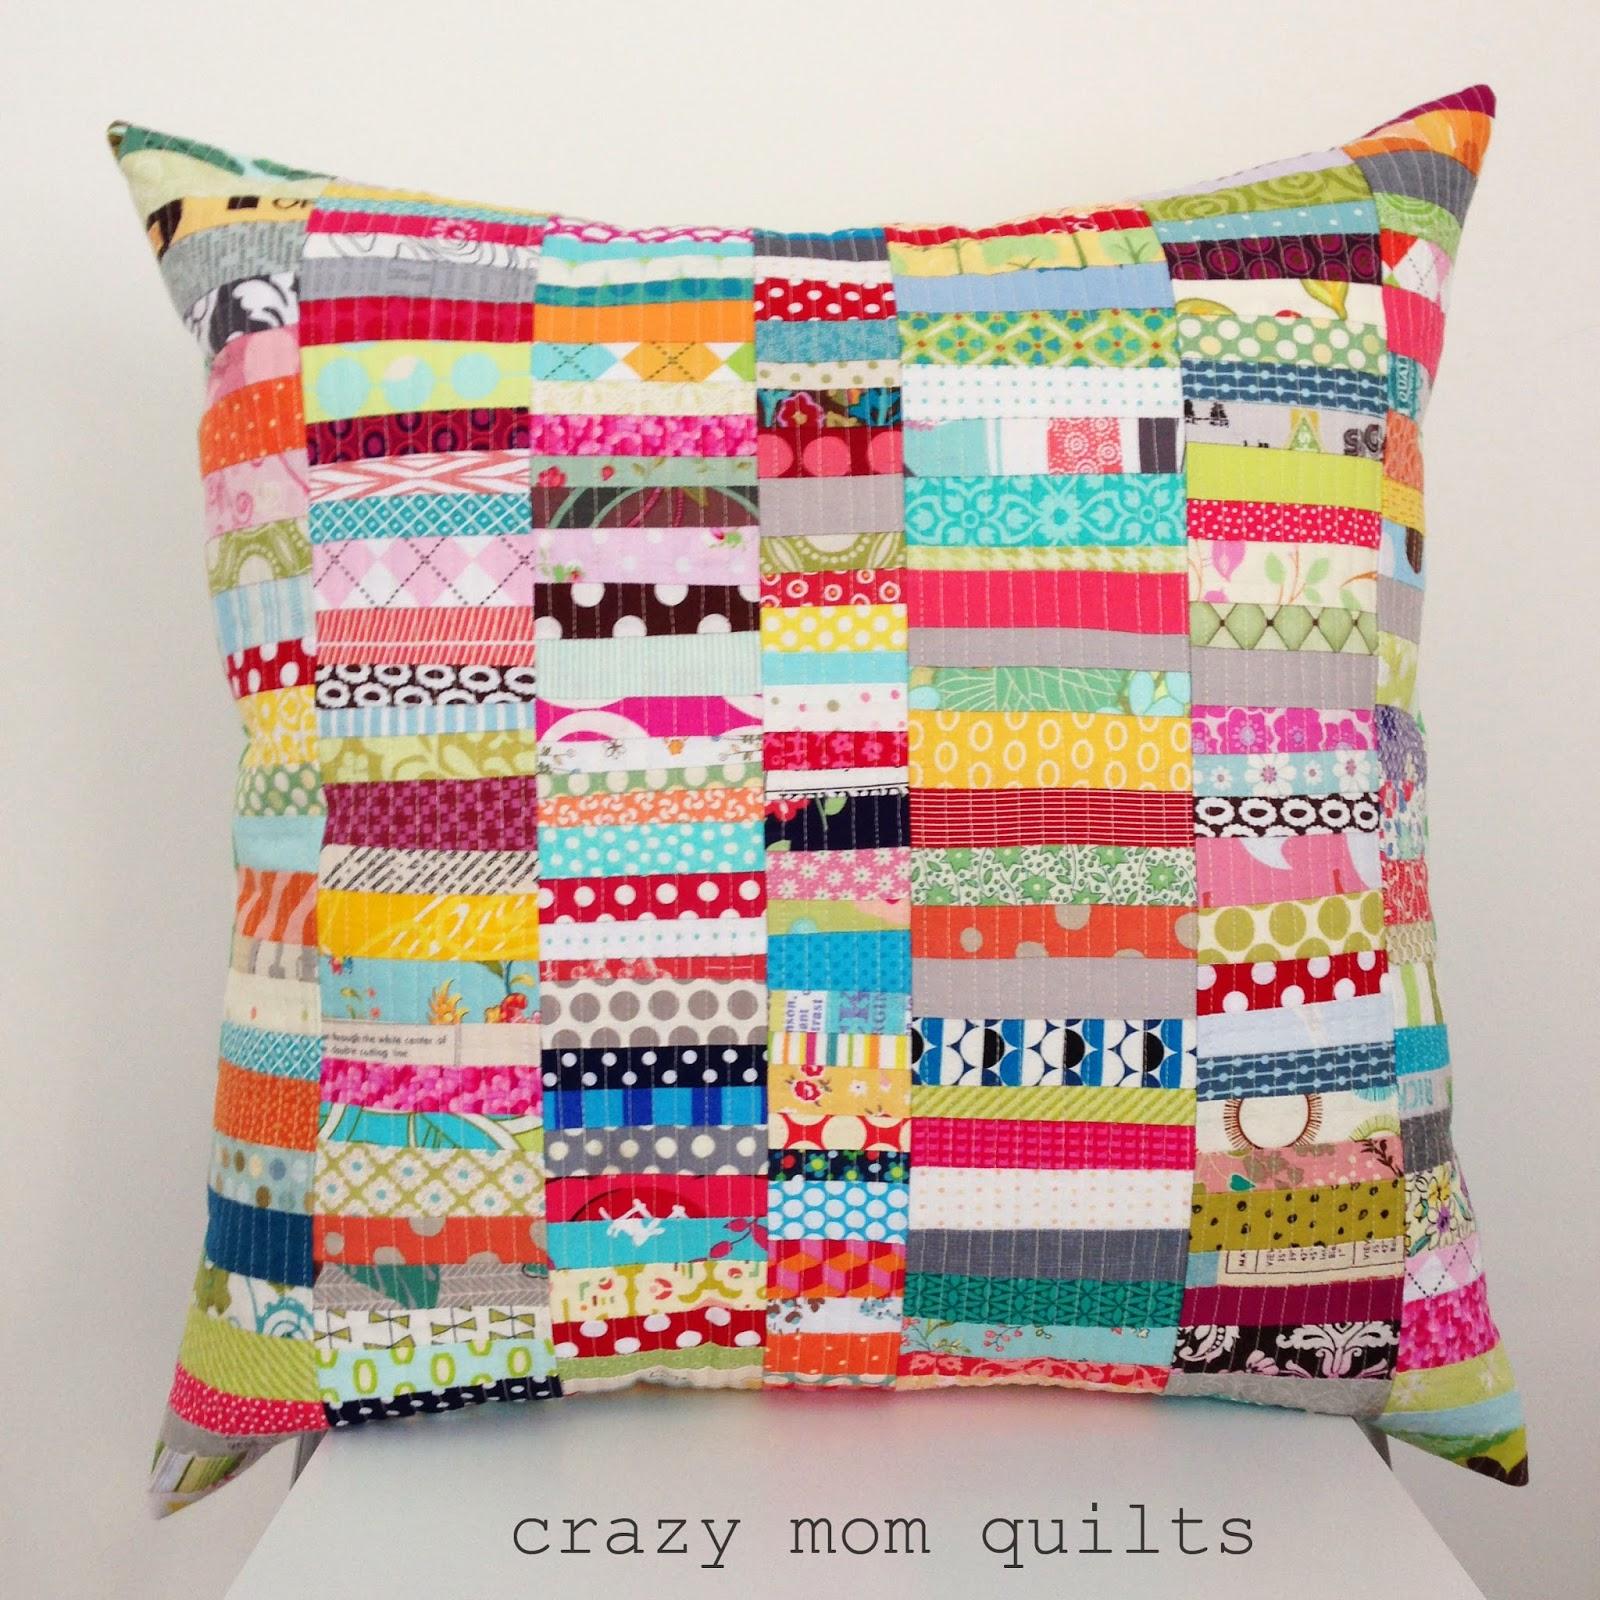 scrap happy pillow crazy mom quilts Bloglovin